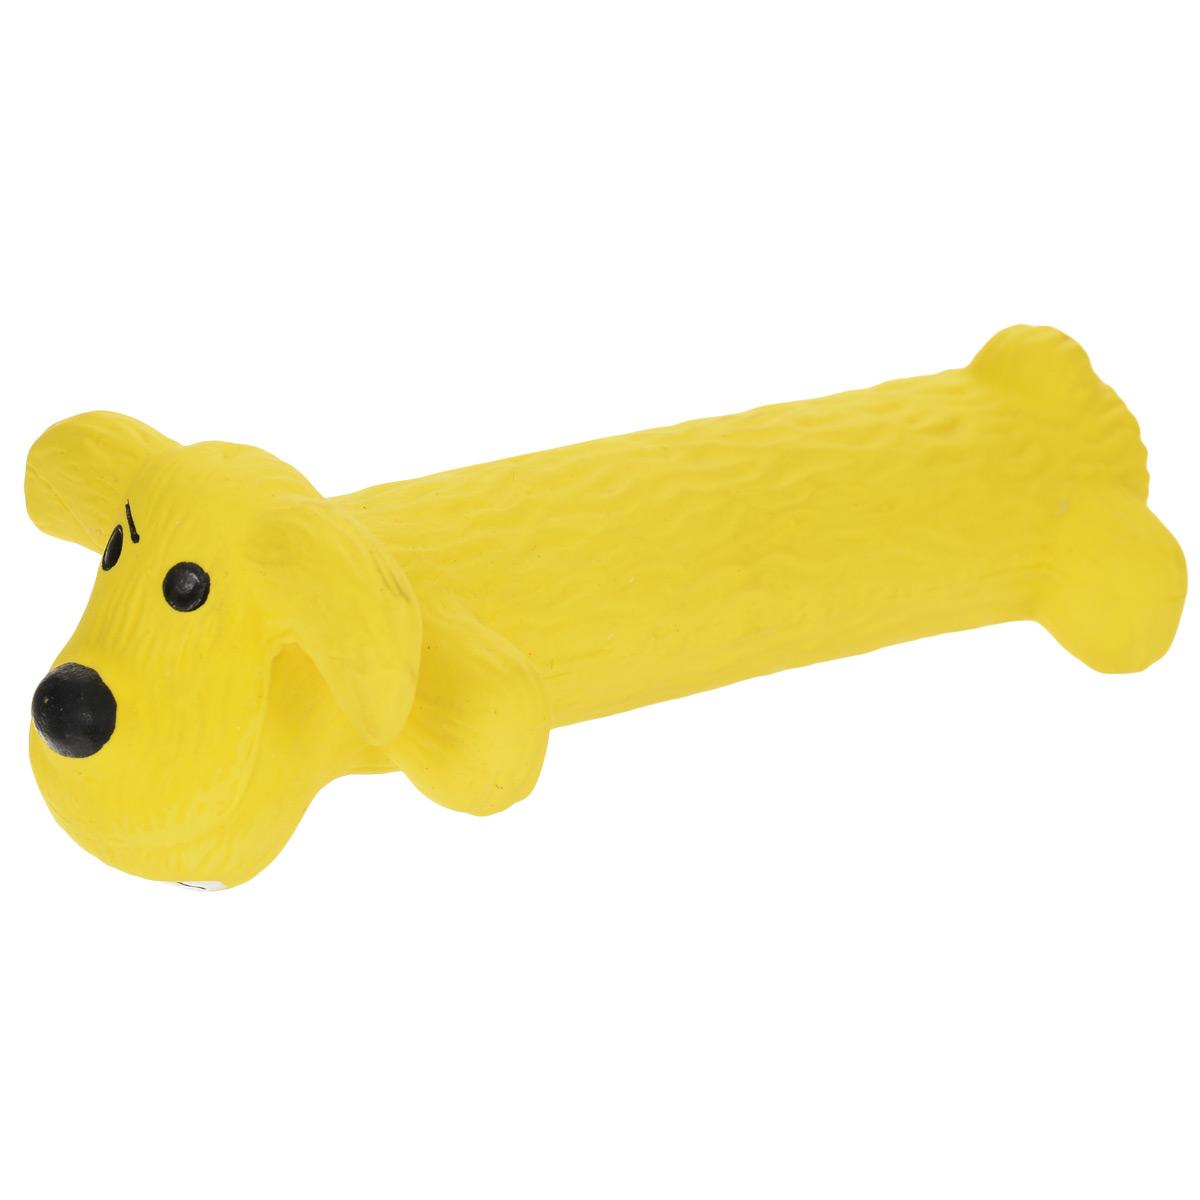 Игрушка Multipet Собака, с пищалкой, цвет: желтый, длина 15 смGLG037Прочная игрушка Multipet Собака с пищалкой изготовлена из качественного структурированного латекса - прочного и безопасного материала с использованием нетоксичных красителей. Игрушка уникальна тем, что имеет мягкий наполнитель. Устойчива к разгрызанию. Пищит при нажатии. Имеет приятный и интересный для собаки рельеф.Великолепно подходит для игры и массажа десен вашей собаки. Игрушка не позволит скучать вашему питомцу ни дома, ни на улице.